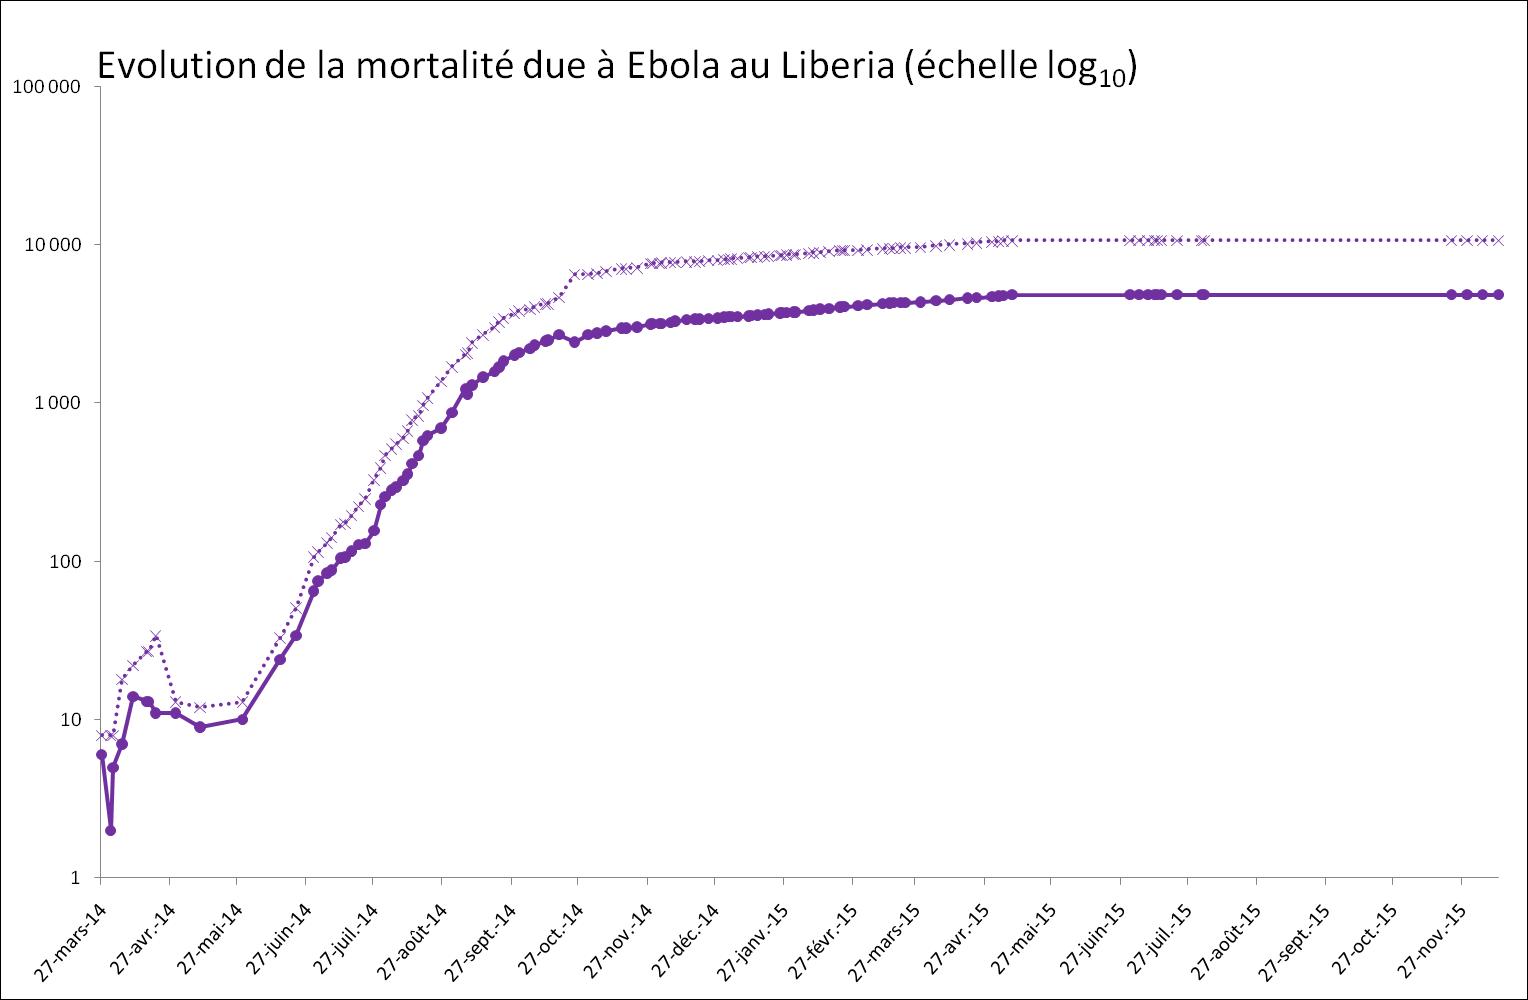 Evolution exponentielle de la mortalité provoquée par Ebola au Liberia